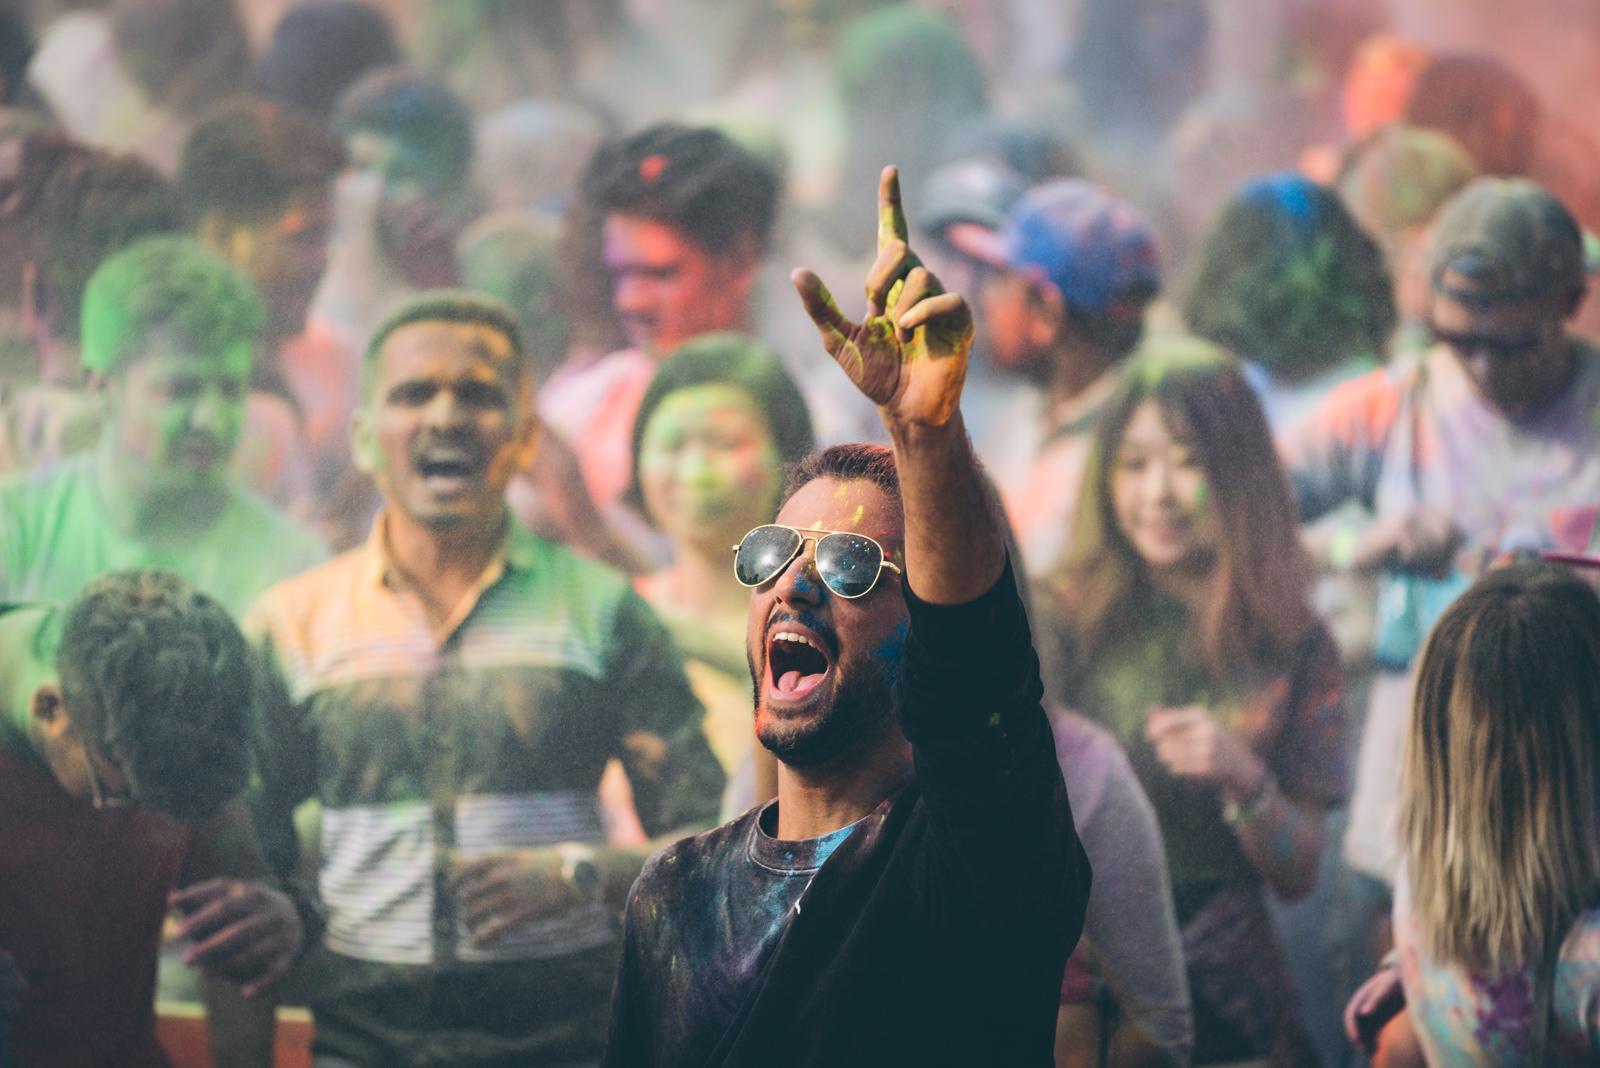 festival-of-colours-2018-blog-43.jpg